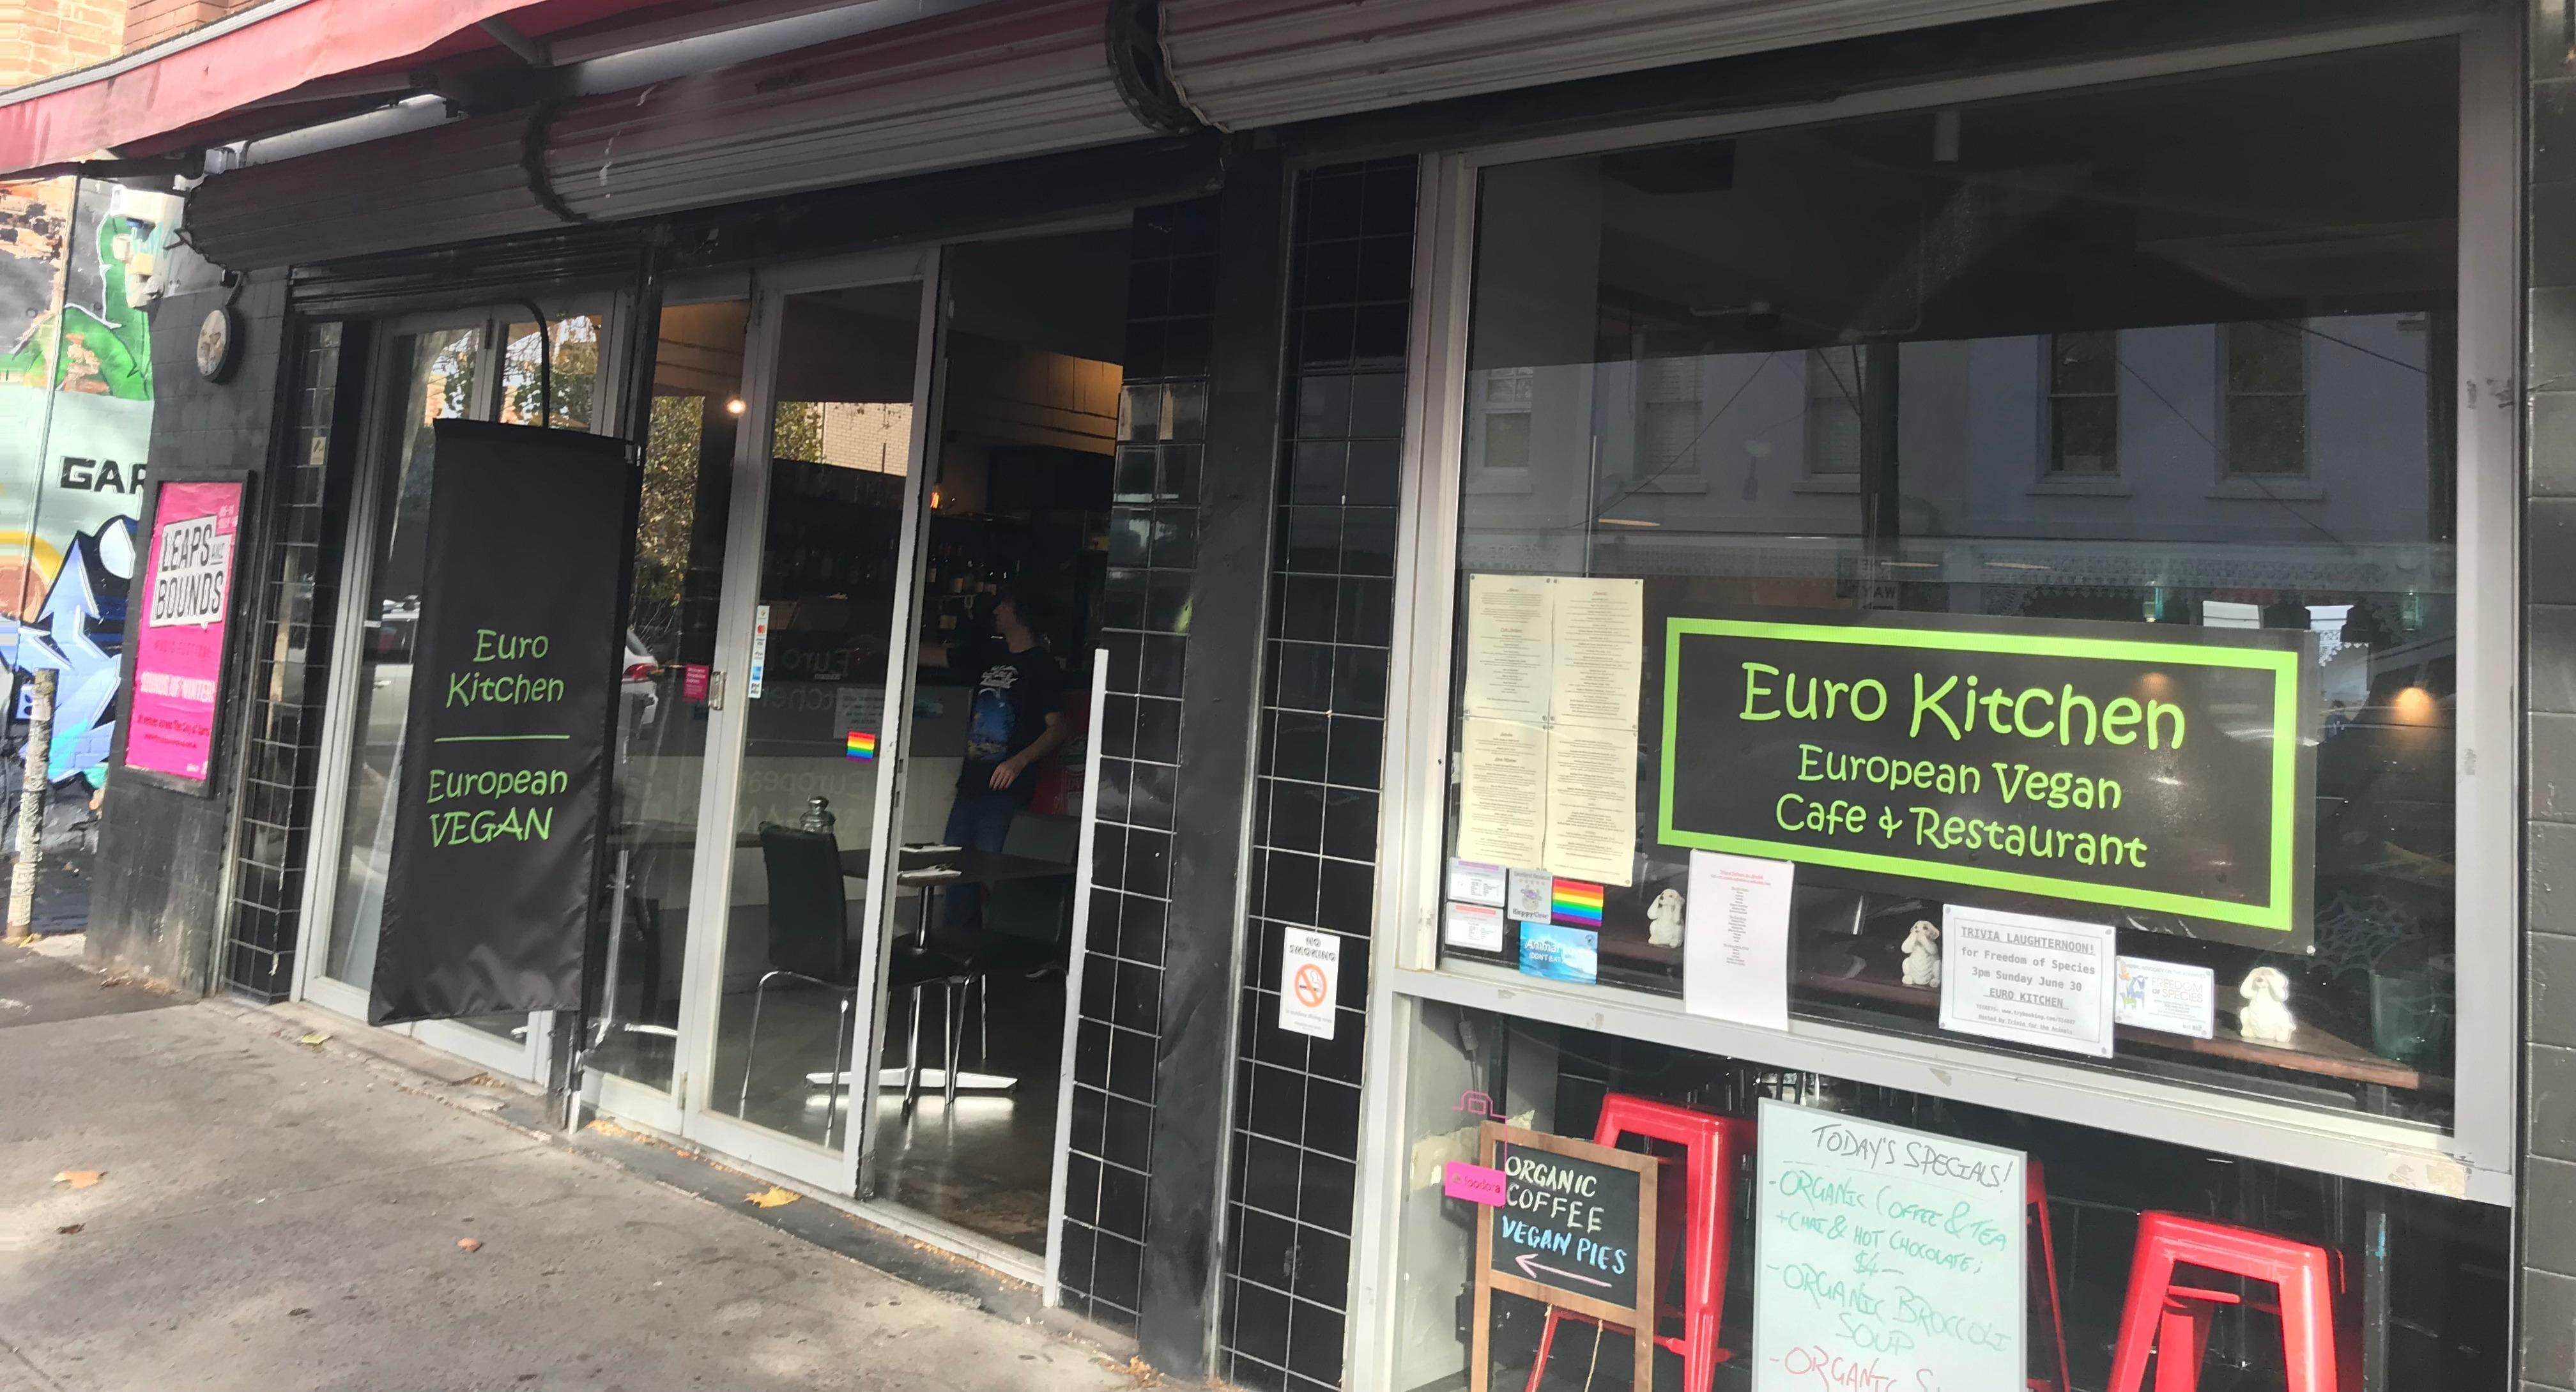 Euro Kitchen Vegan Cafe & Restaurant Melbourne image 3